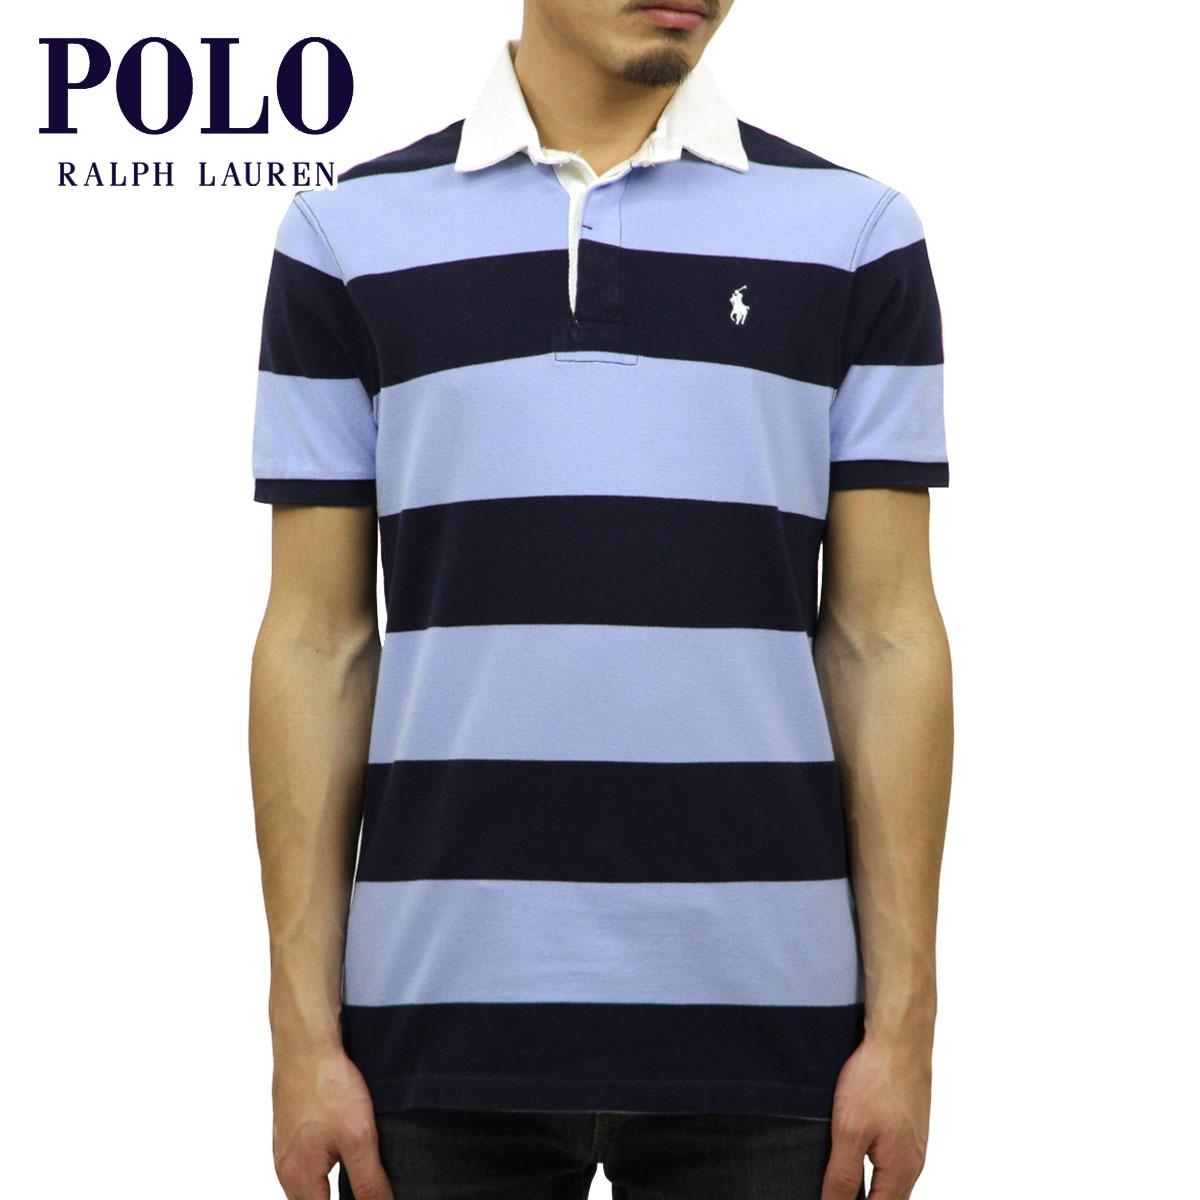 ポロ ラルフローレン ポロシャツ 正規品 POLO RALPH LAUREN 半袖ポロシャツ ラガーポロ STRIPED COTTON RUGBY POLO SHIRT